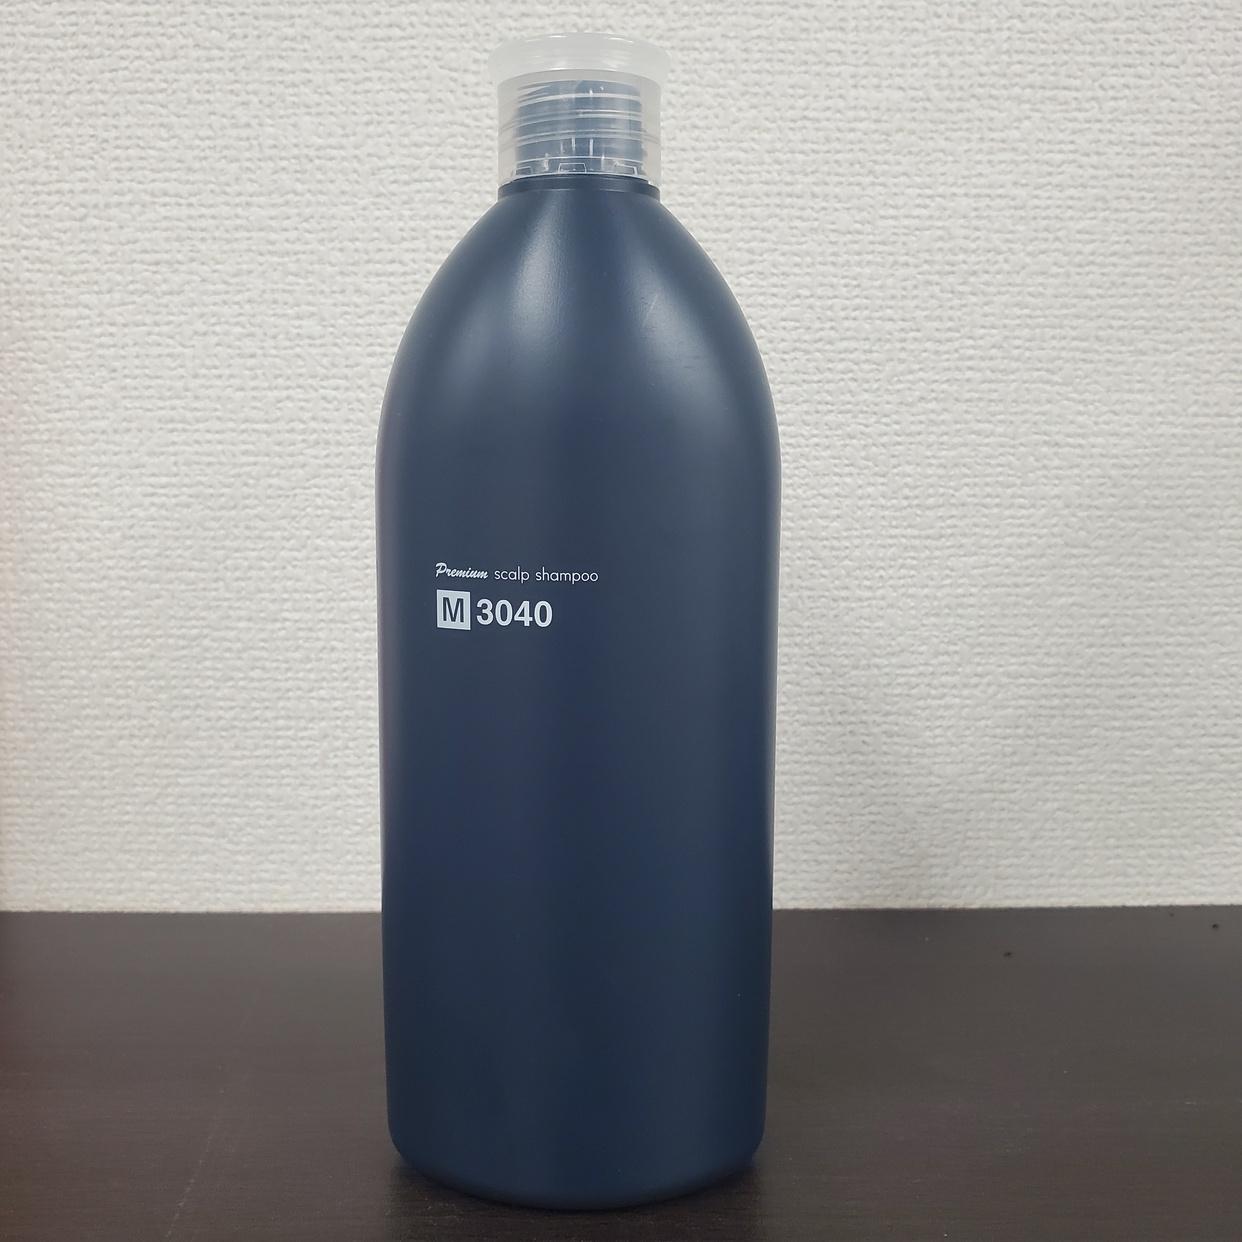 M3040プレミアムスカルプシャンプーを使った吉野 裕太さんのクチコミ画像